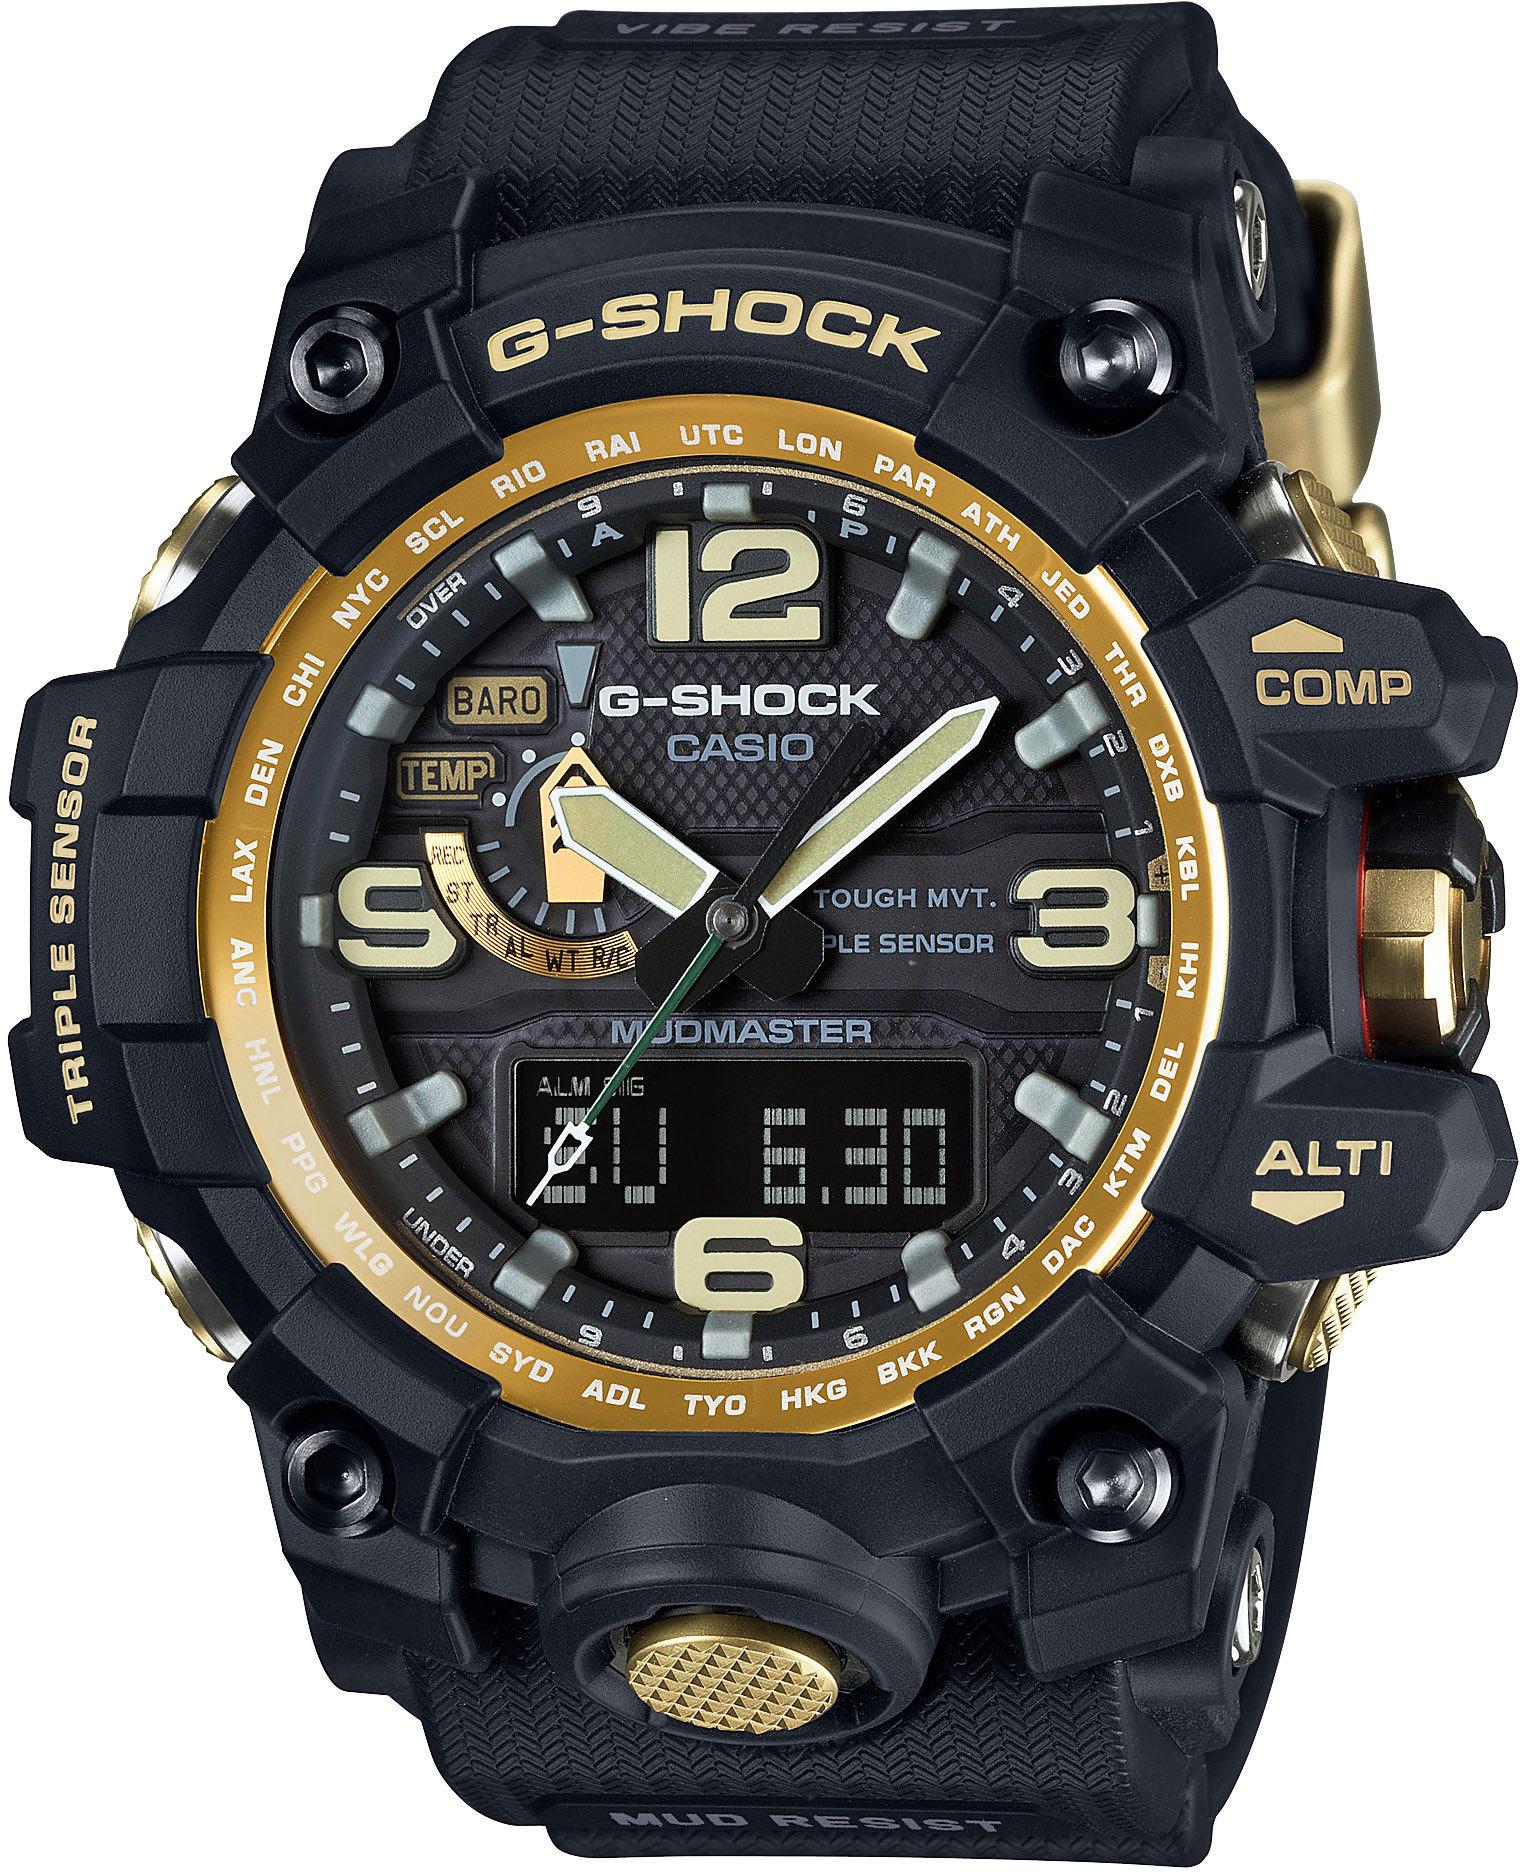 Casio G-SHOCK GWG-1000GB-1A / GWG-1000GB-1AER - мужские наручные часыCasio<br><br><br>Бренд: Casio<br>Модель: Casio GWG-1000GB-1A<br>Артикул: GWG-1000GB-1A<br>Вариант артикула: GWG-1000GB-1AER<br>Коллекция: G-SHOCK<br>Подколлекция: None<br>Страна: Япония<br>Пол: мужские<br>Тип механизма: кварцевые<br>Механизм: None<br>Количество камней: None<br>Автоподзавод: None<br>Источник энергии: от солнечной батареи<br>Срок службы элемента питания: None<br>Дисплей: None<br>Цифры: арабские<br>Водозащита: WR 200<br>Противоударные: есть<br>Материал корпуса: нерж. сталь + пластик<br>Материал браслета: пластик<br>Материал безеля: None<br>Стекло: сапфировое<br>Антибликовое покрытие: None<br>Цвет корпуса: None<br>Цвет браслета: None<br>Цвет циферблата: None<br>Цвет безеля: None<br>Размеры: None<br>Диаметр: None<br>Диаметр корпуса: None<br>Толщина: None<br>Ширина ремешка: None<br>Вес: 119 г<br>Спорт-функции: секундомер, таймер обратного отсчета, высотомер, барометр, термометр, компас<br>Подсветка: дисплея, стрелок<br>Вставка: None<br>Отображение даты: вечный календарь, число, день недели<br>Хронограф: None<br>Таймер: None<br>Термометр: None<br>Хронометр: None<br>GPS: None<br>Радиосинхронизация: есть<br>Барометр: None<br>Скелетон: None<br>Дополнительная информация: ежечасный сигнал, функция сохранения энергии, функция включения/отключения звука кнопок, функция Flash alert, функция перемещения стрелок, виброзащита, защита от грязи, время работы аккумулятора без подзарядки с использованием функции сохранения энергии 25 месяцев<br>Дополнительные функции: индикатор запаса хода, второй часовой пояс, будильник (количество установок: 5)